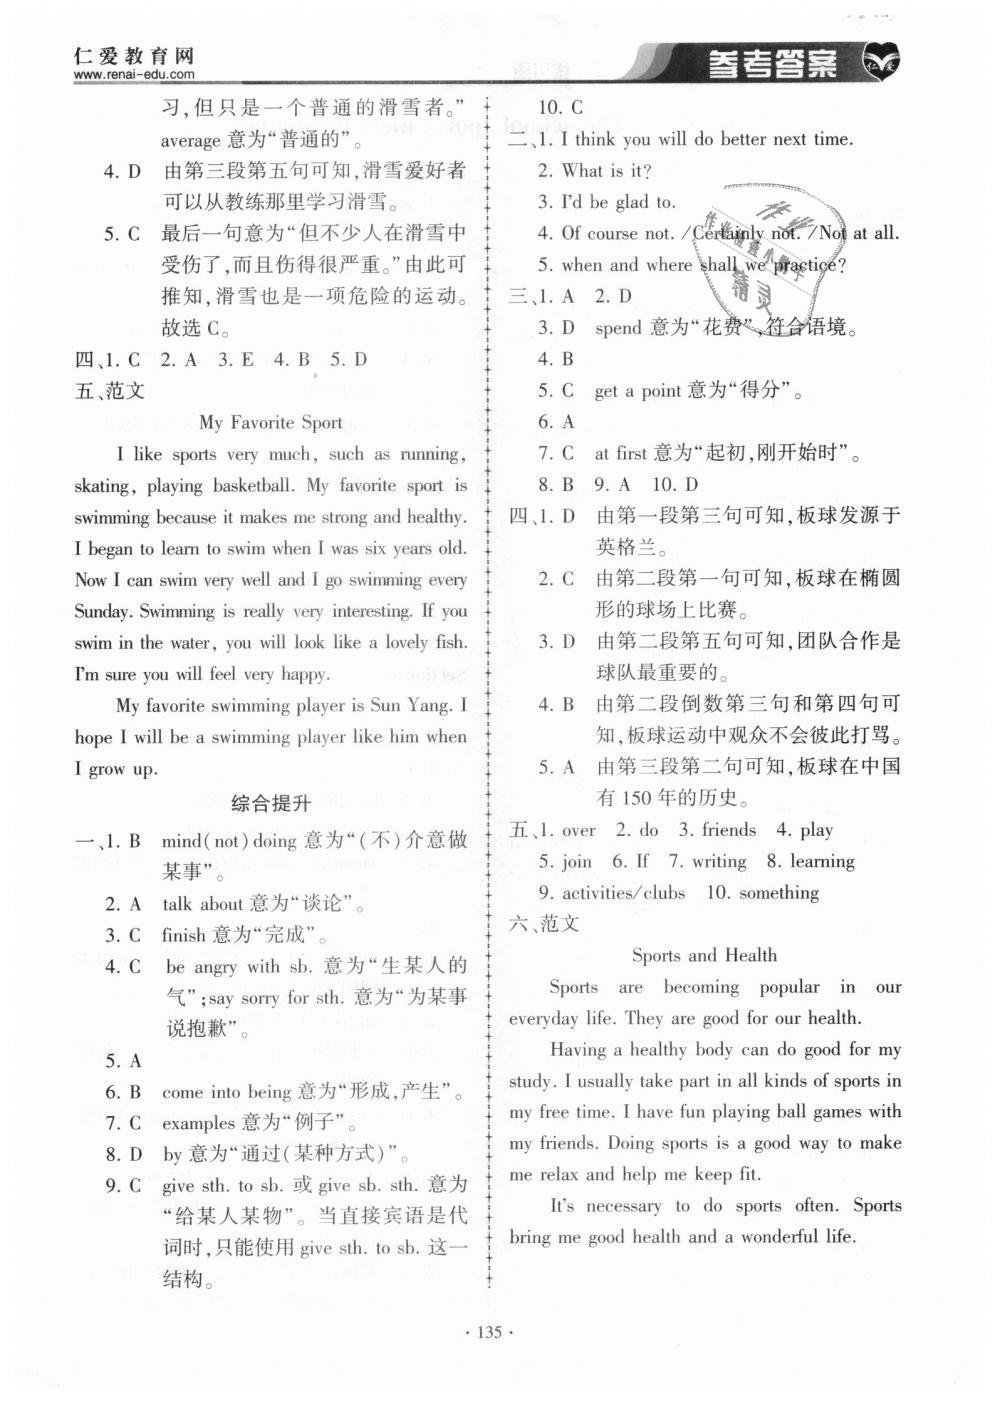 2018年仁爱英语同步练习册八年级上册E第5页